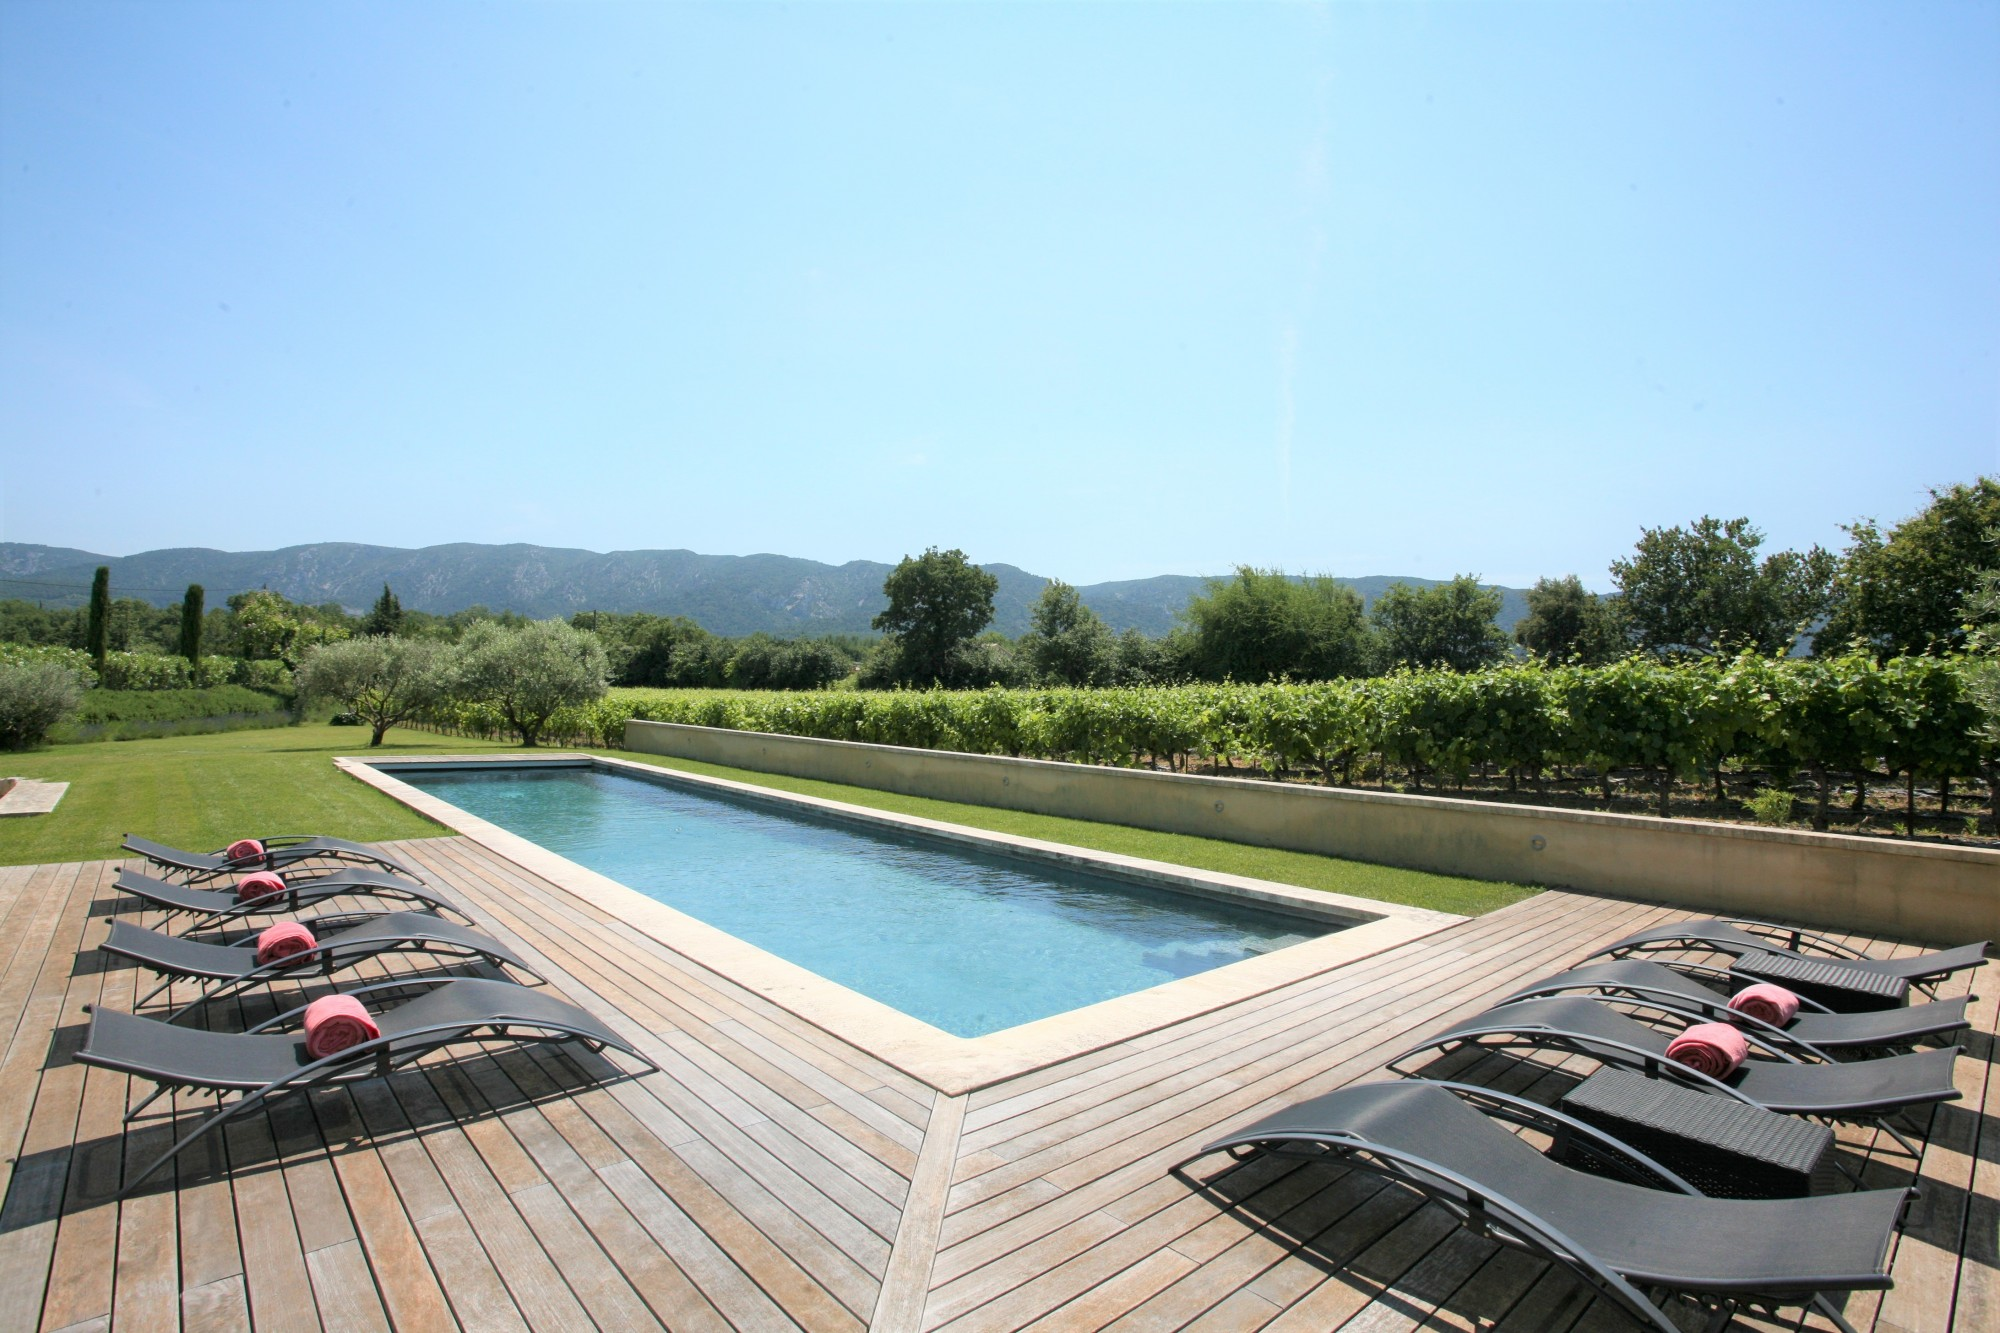 Luberon - Propriété de charme avec bassin de nage, à louer proche de Ménerbes.